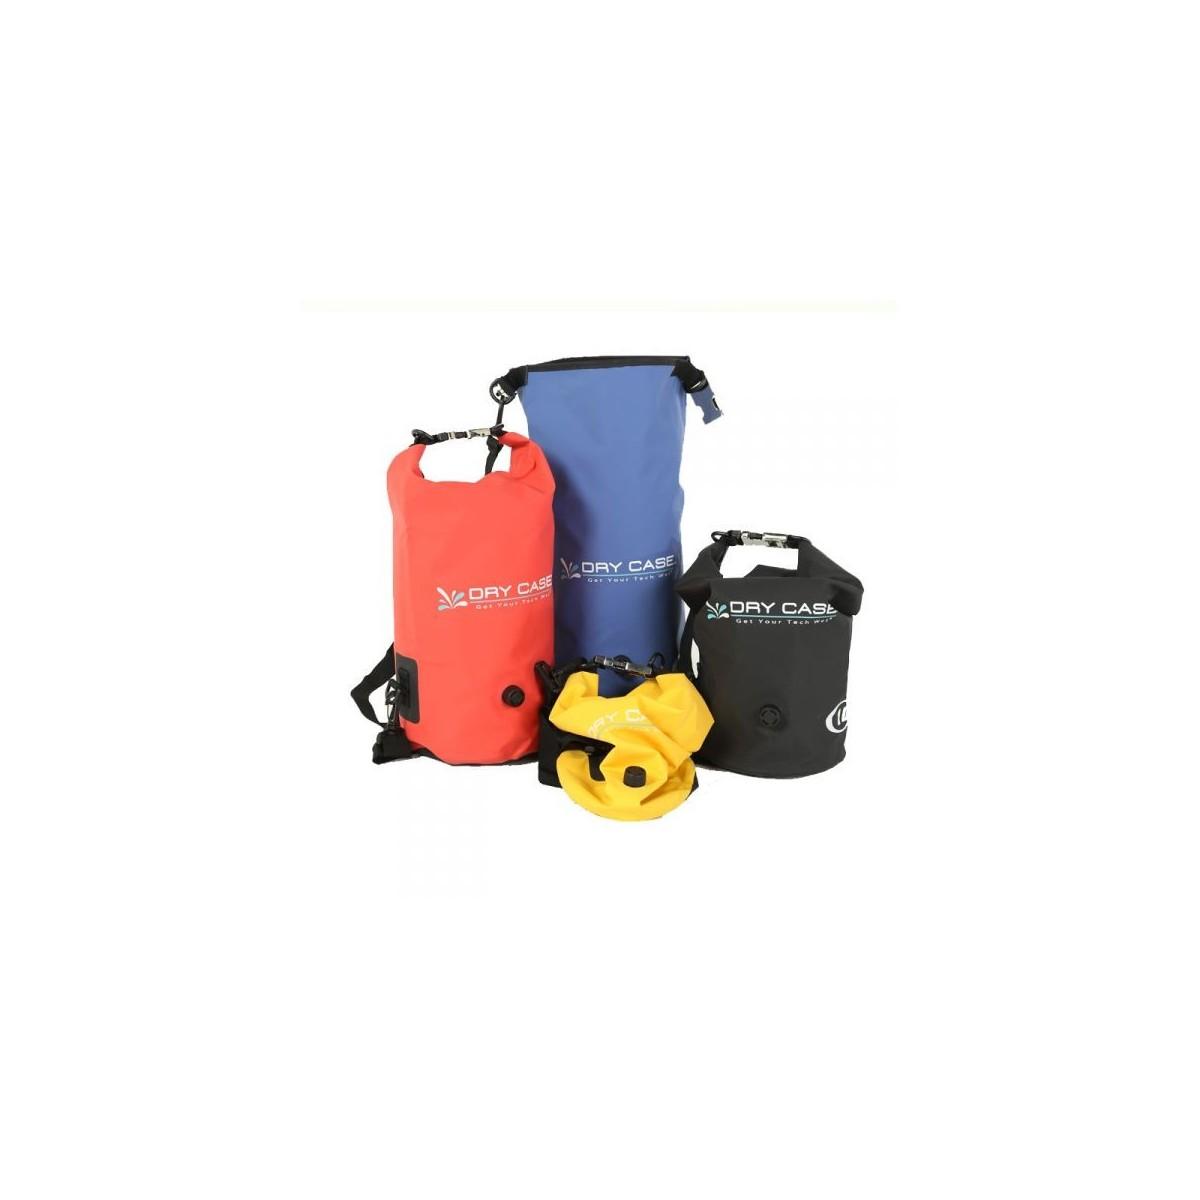 Drycase Deca 100% Waterproof Dry Bag